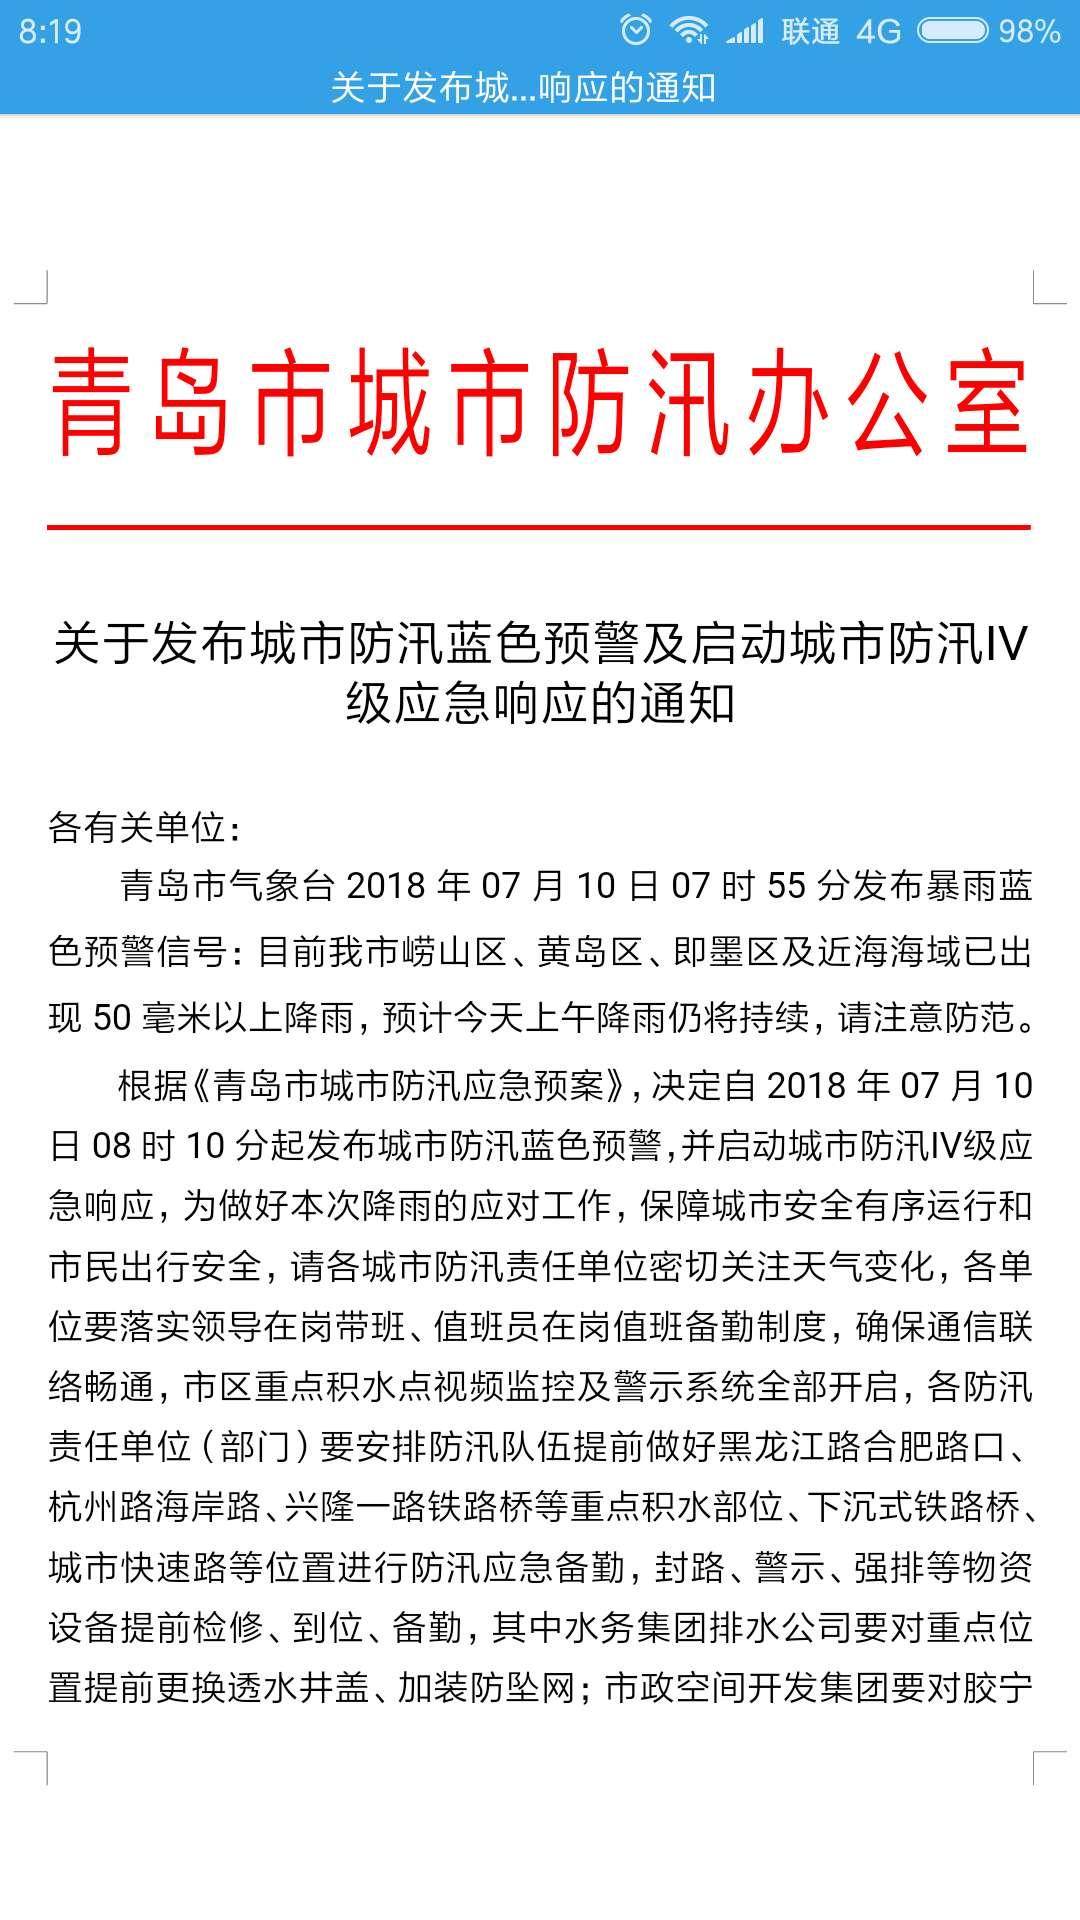 海丽气象吧丨青岛发布城市防汛蓝色预警 启动防汛Ⅳ级应急响应